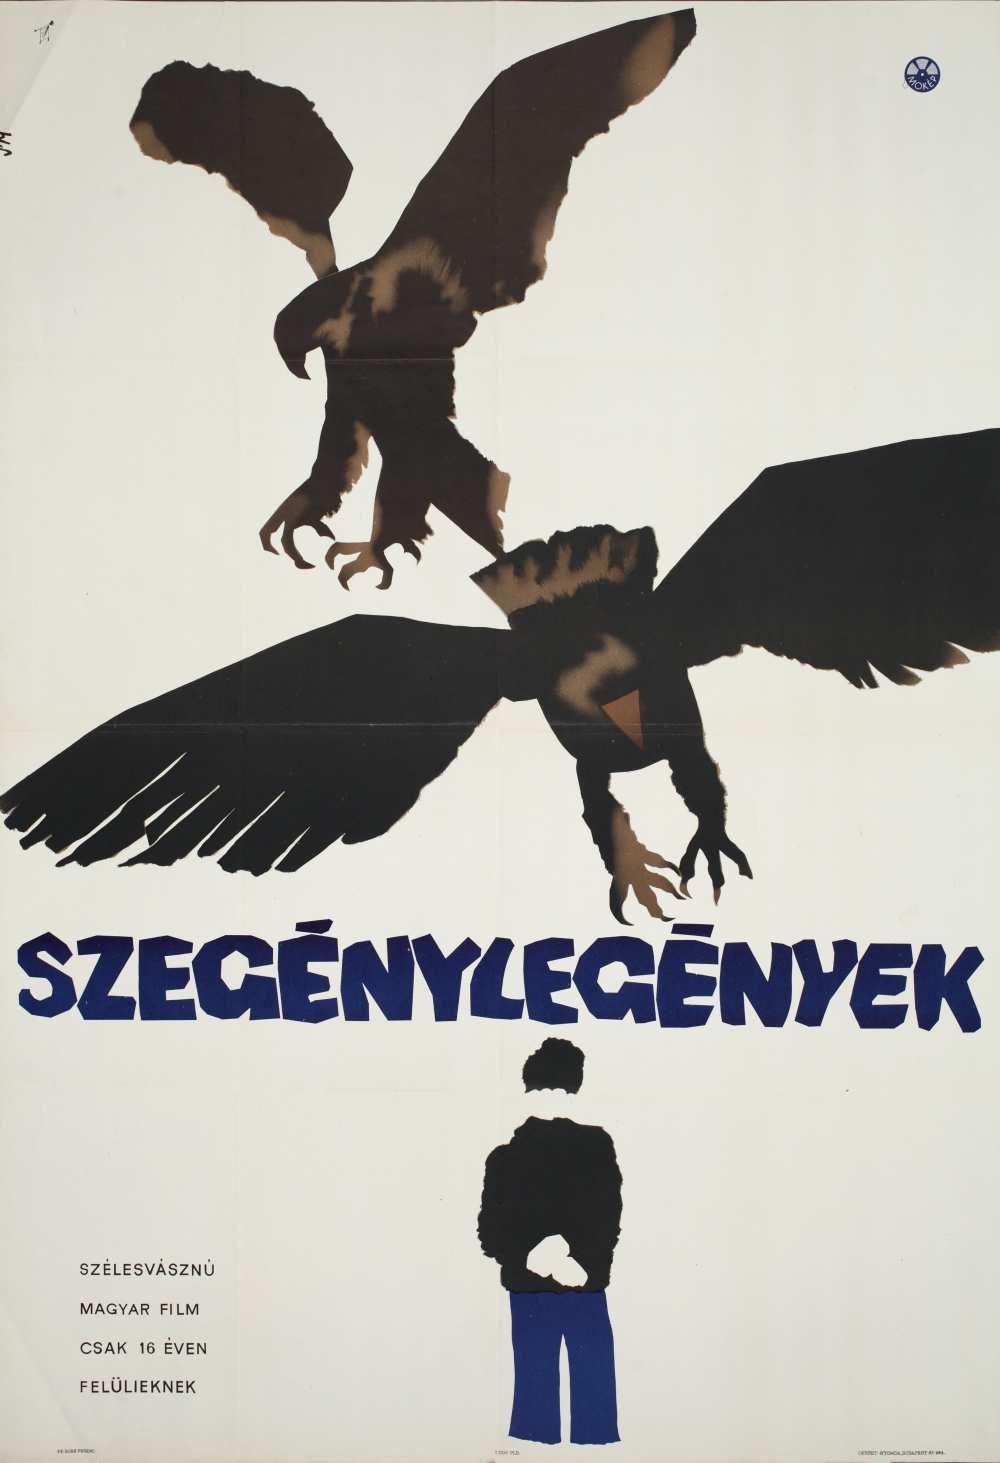 Szegénylegények. Rendezte: Jancsó Miklós. 1965. A film plakátja – Térkép-, Plakát- és Kisnyomtatványtár<br /><br />